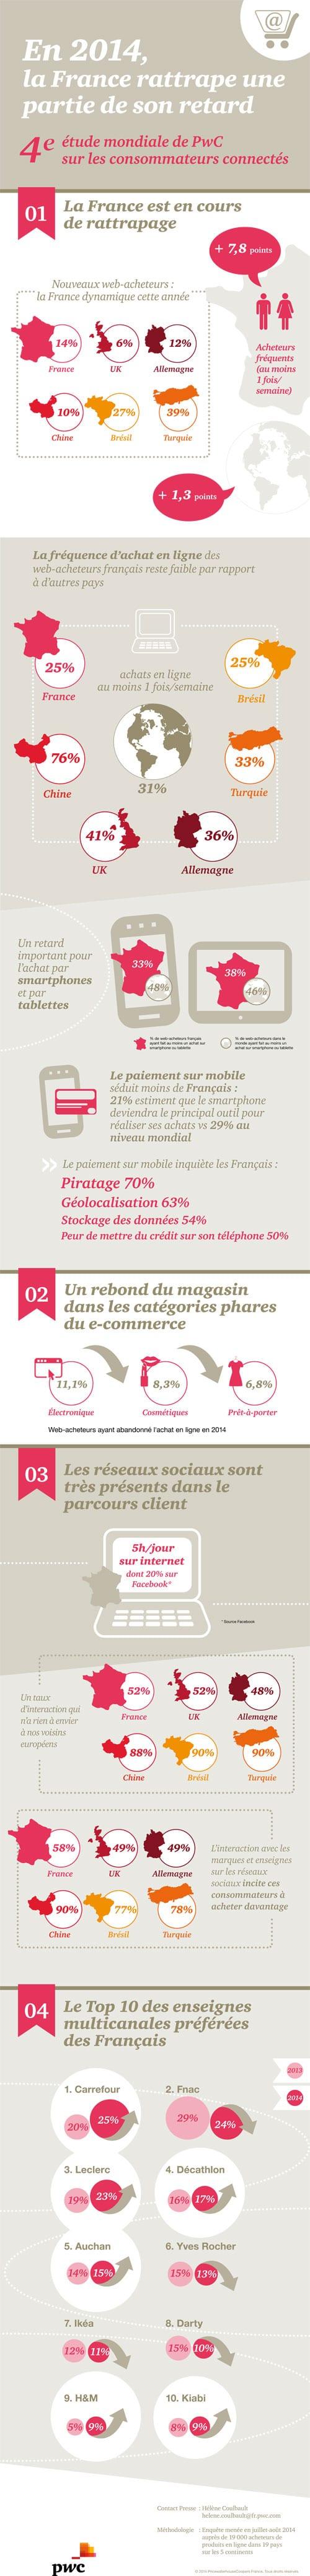 Les Francais et les achats en ligne infographie